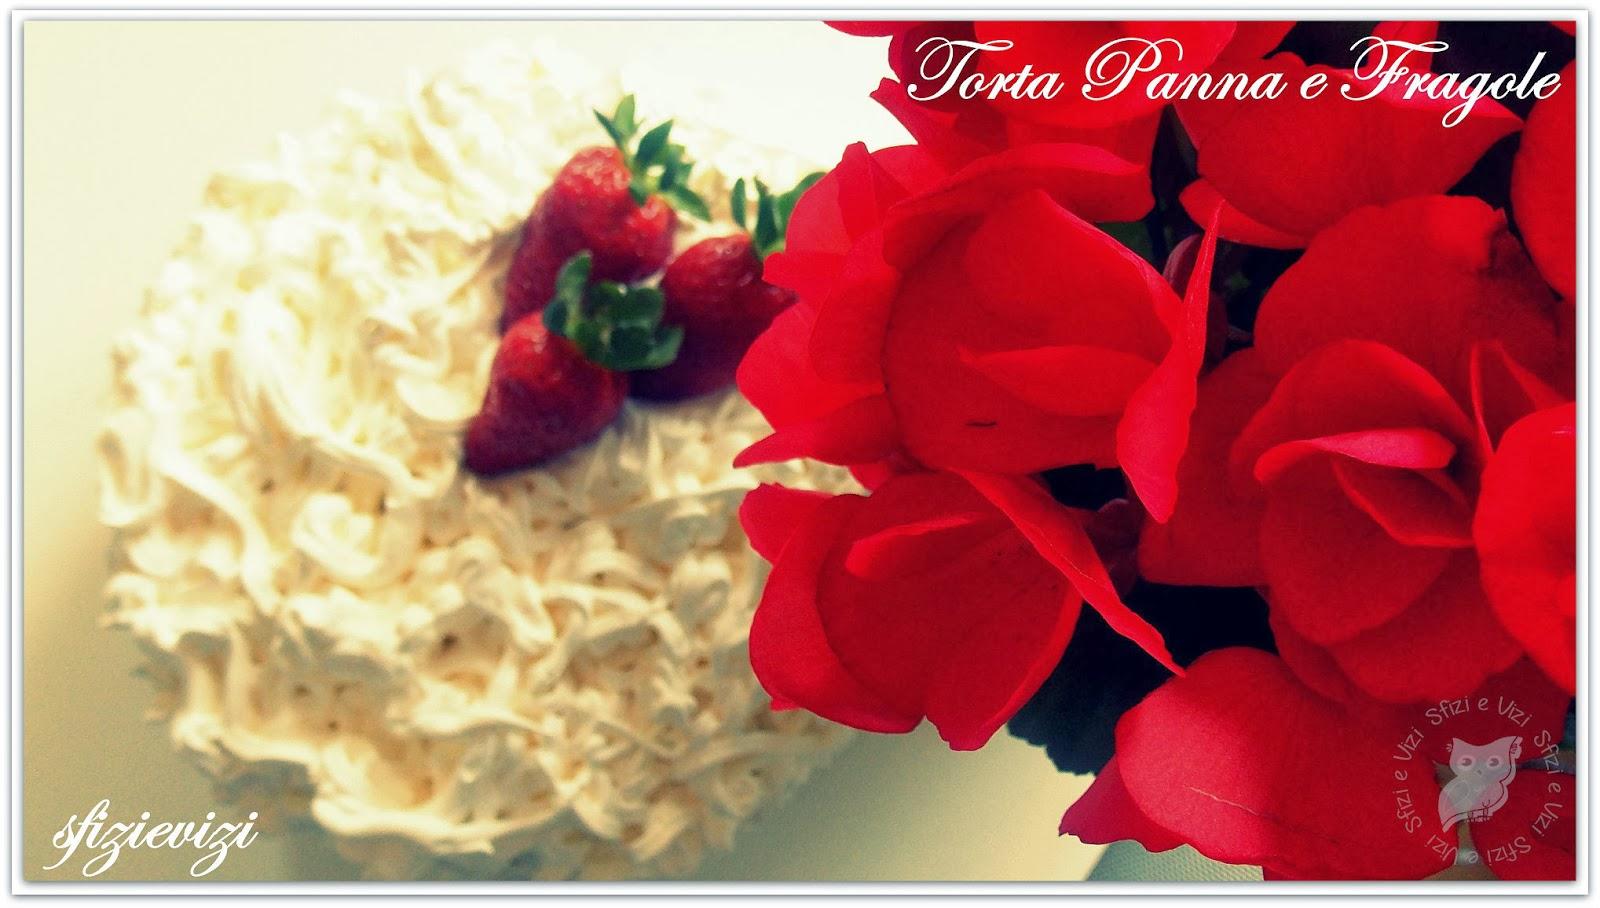 torta panna e fragole peace&love